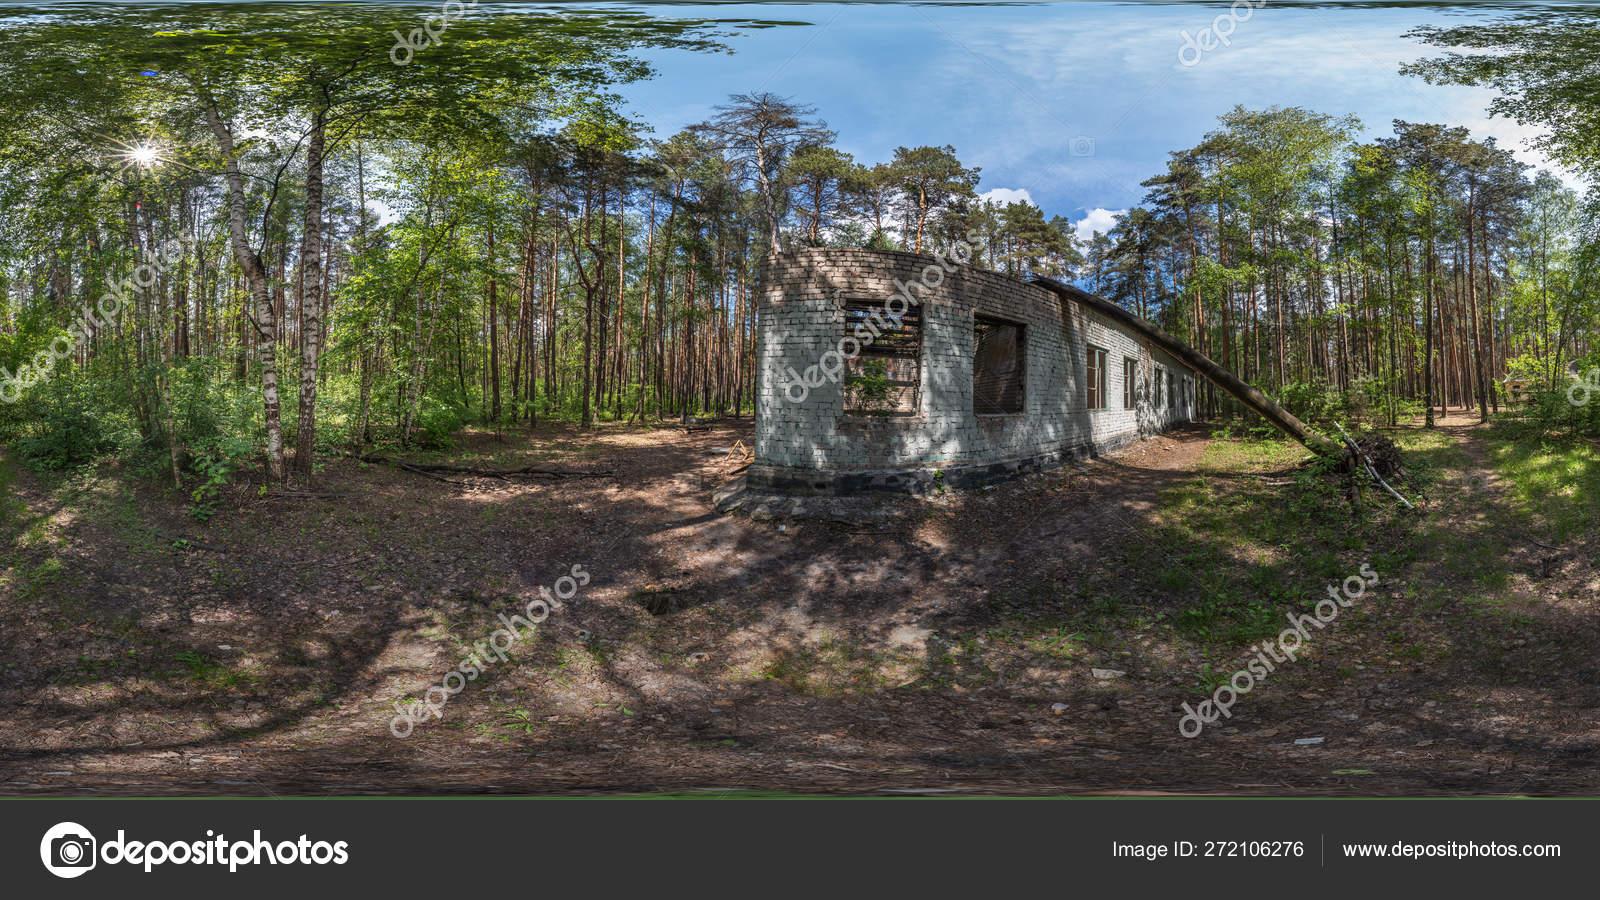 森の中に放棄された建物 森の真ん中にある古い建物の遺跡 松林に